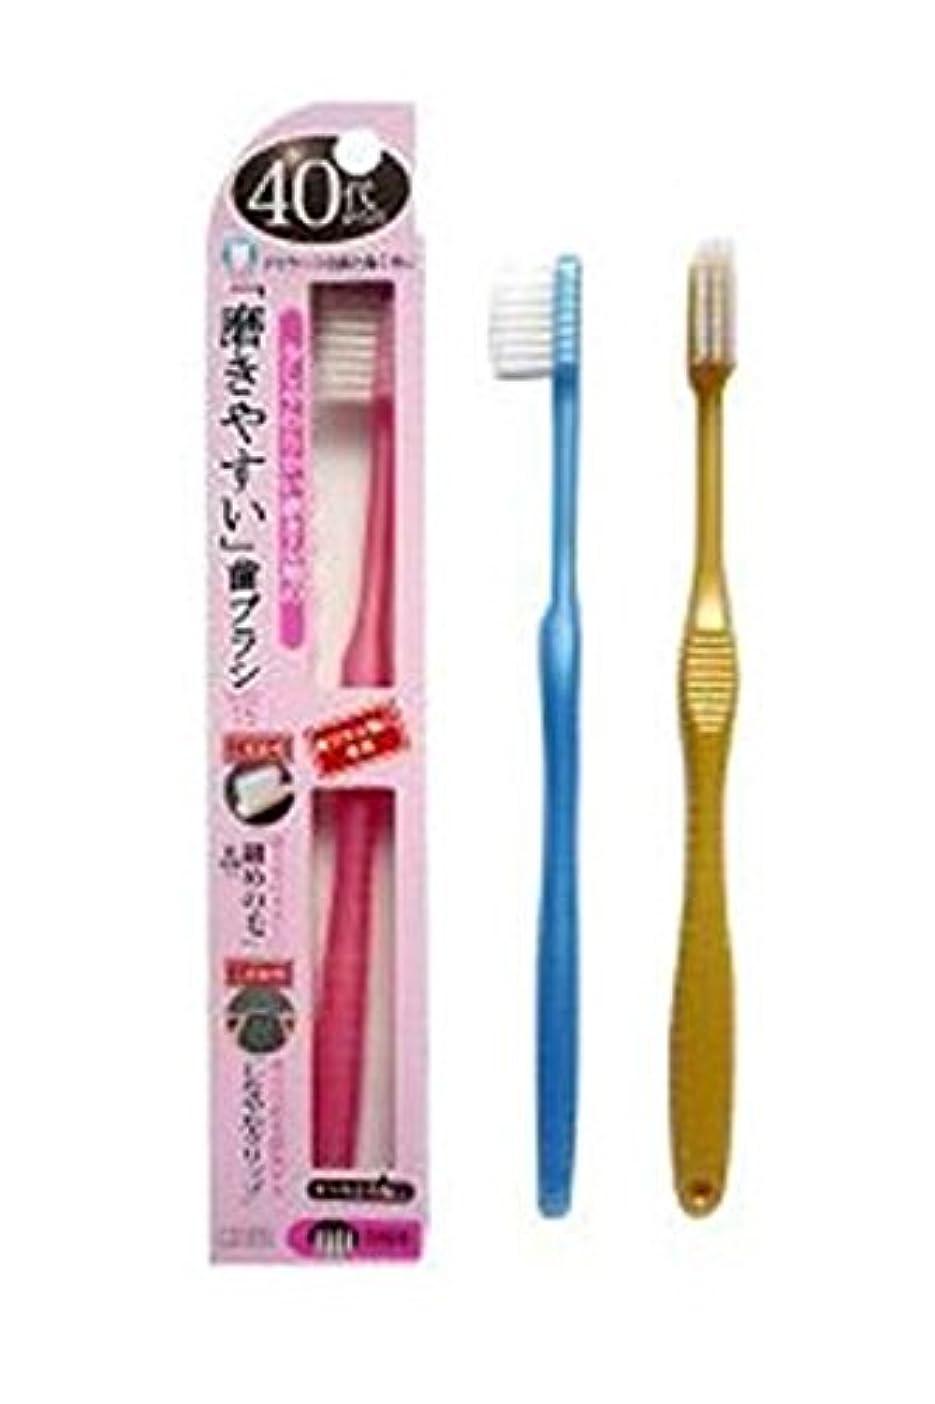 相対的疑問を超えてファウルライフレンジ 40代からの「磨きやすい」歯ブラシ 先細 12本 (ピンク4、ブルー4、ゴールド4)アソート